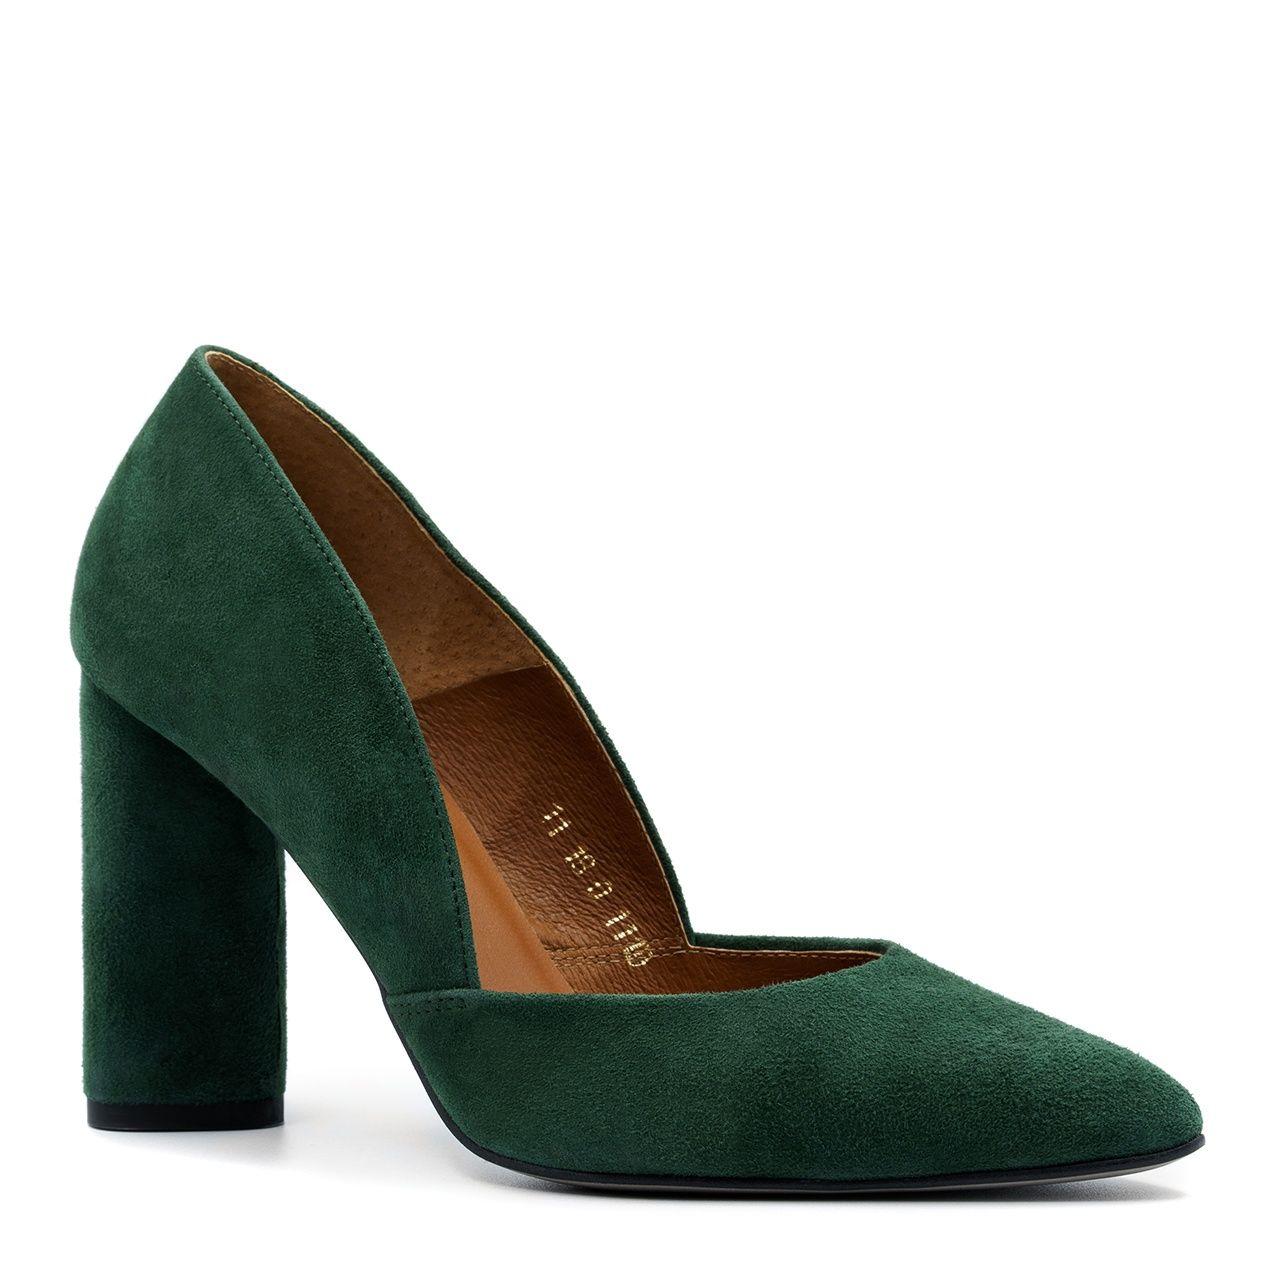 Zielone Zamszowe Czolenka Na Wysokim Slupku 111d Nescior Sklep Firmowy Shoes Heels Heeled Mules